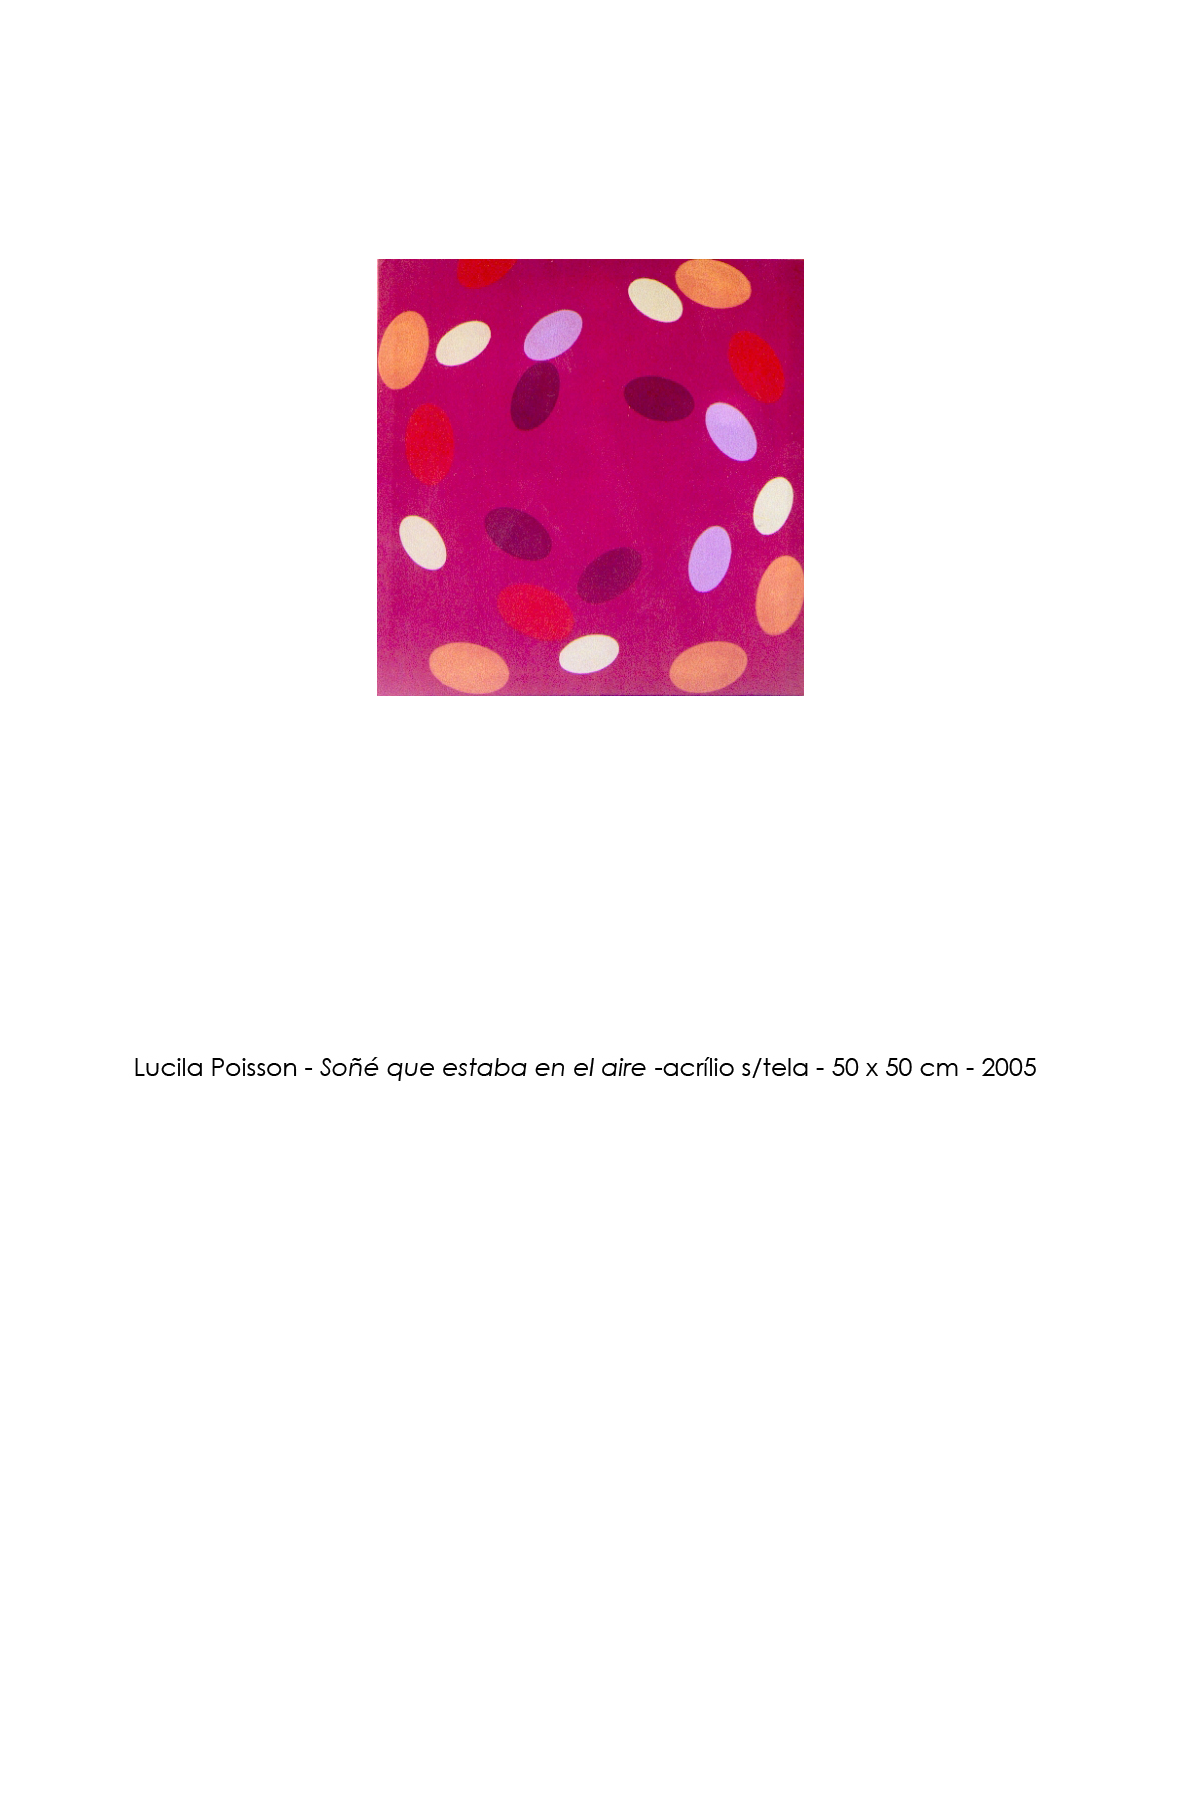 Lucila_Poisson_-soñe_que_estaba_e_el_aire.jpg